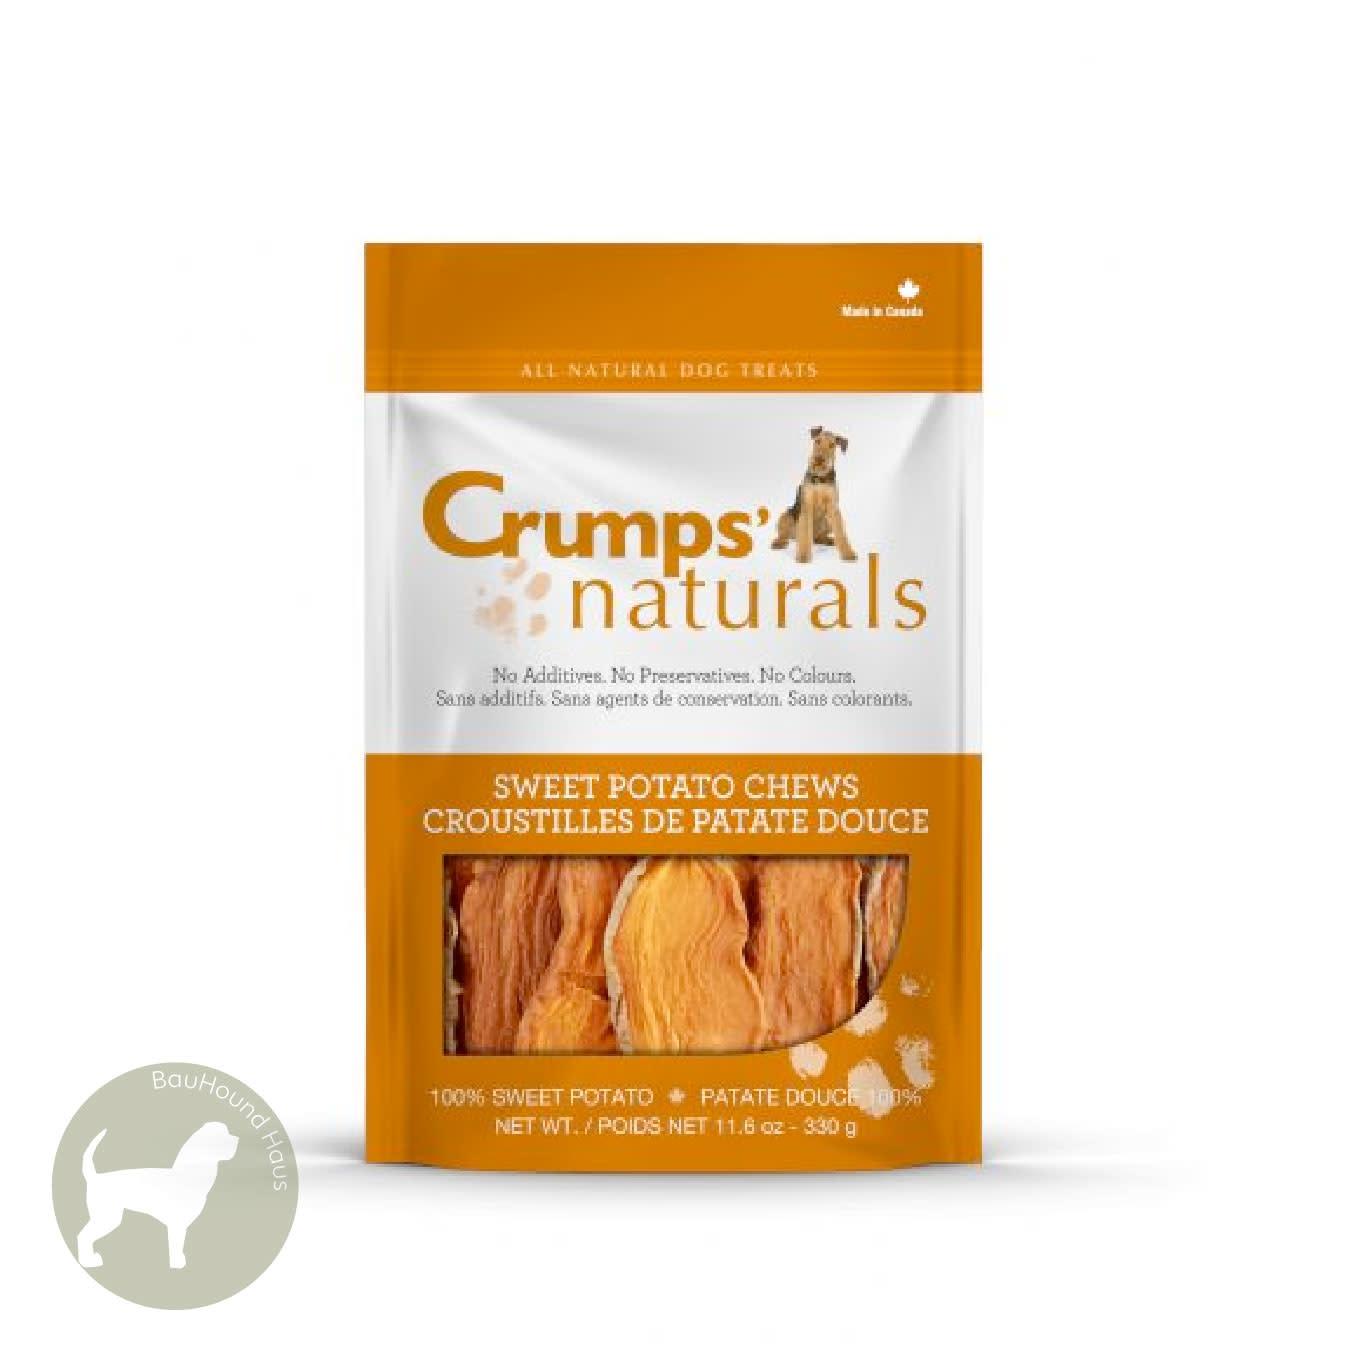 Crumps Crumps Naturals Sweet Potato Chews, 330g